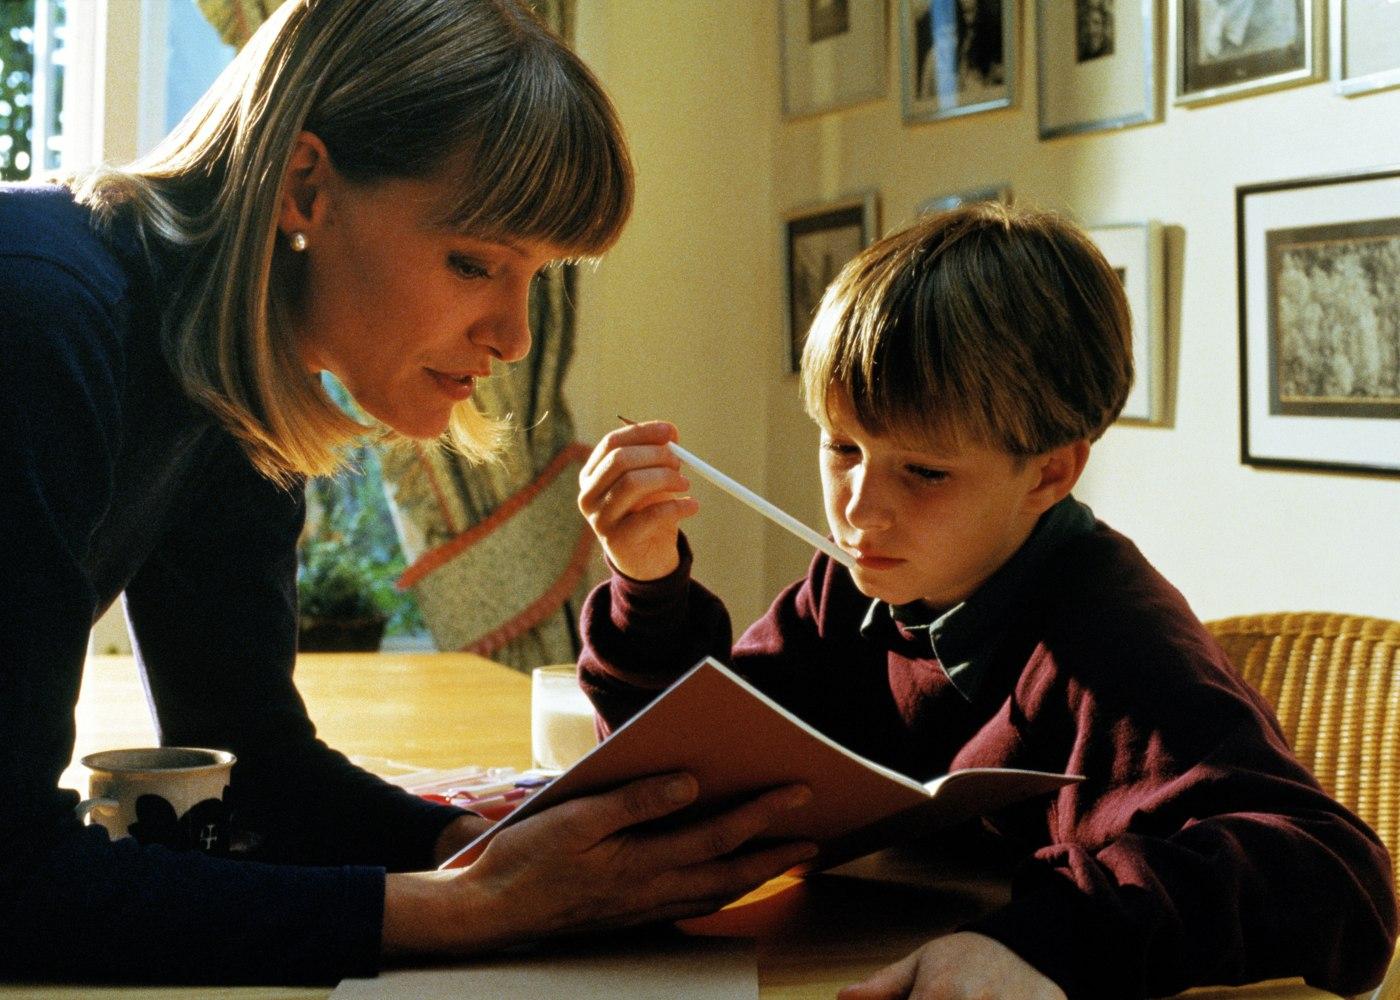 mãe a ajudar filho com trabalhos de casa